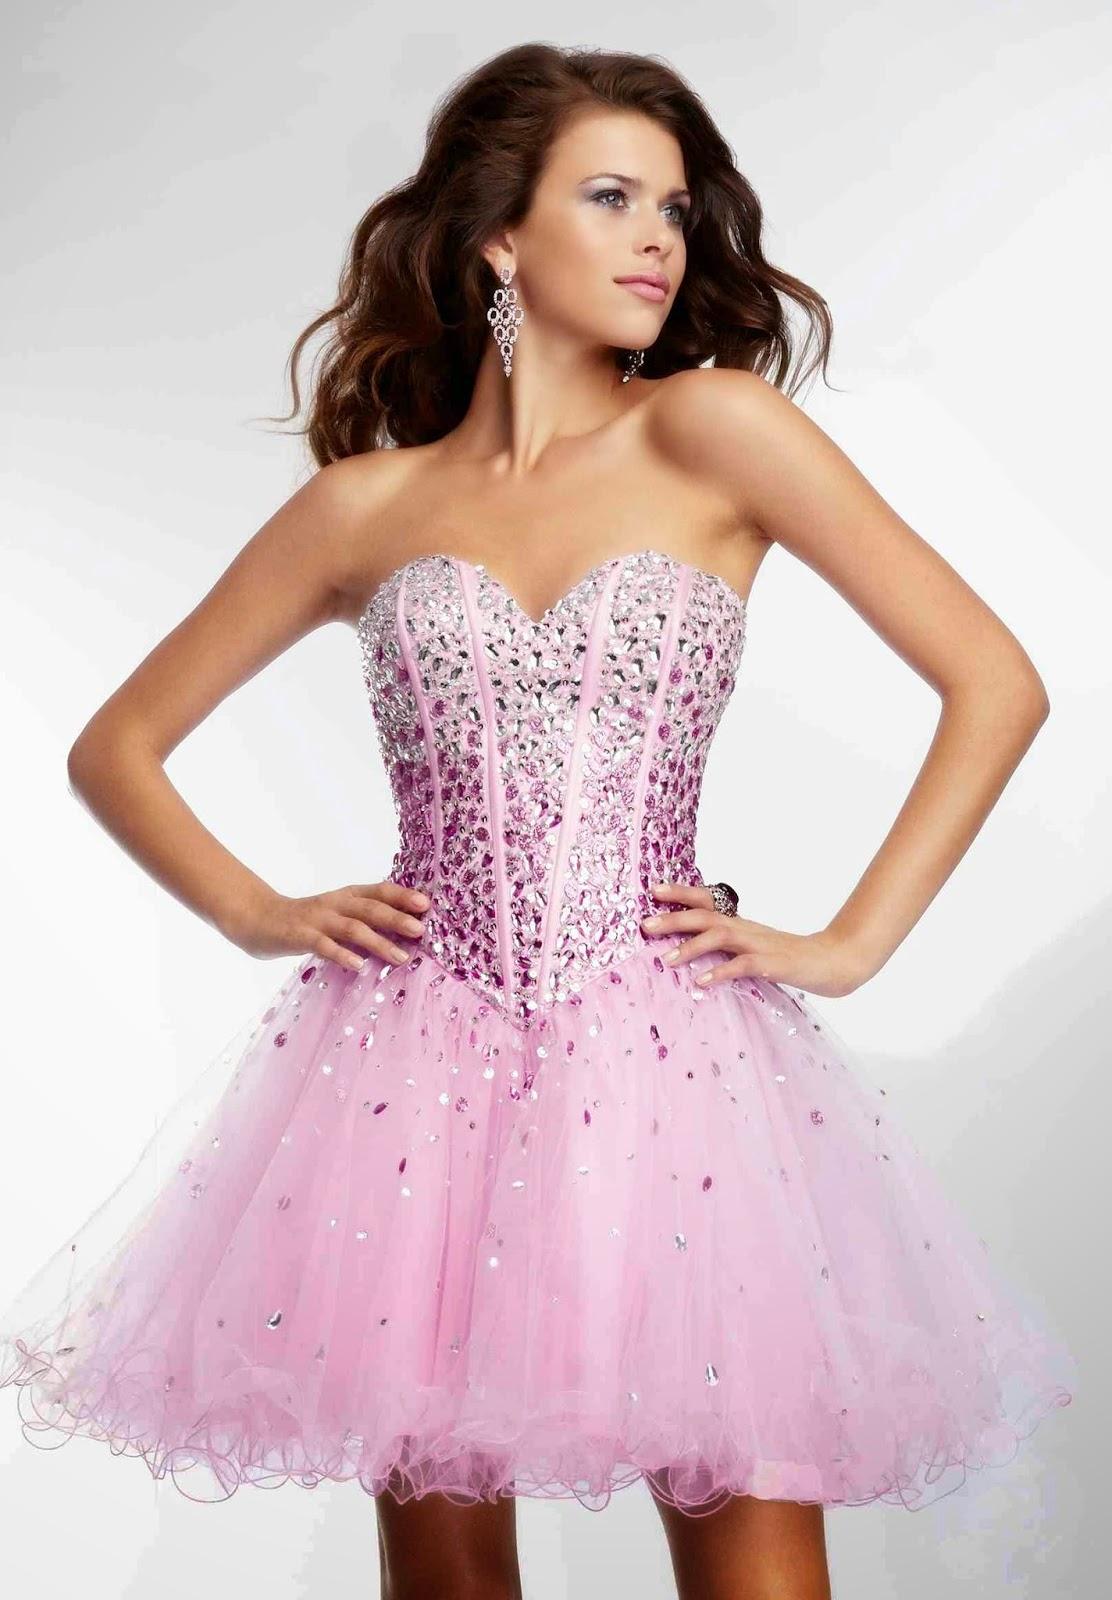 Hermosos vestidos cortos de fiesta | Colección 2014 | 101 Vestidos ...